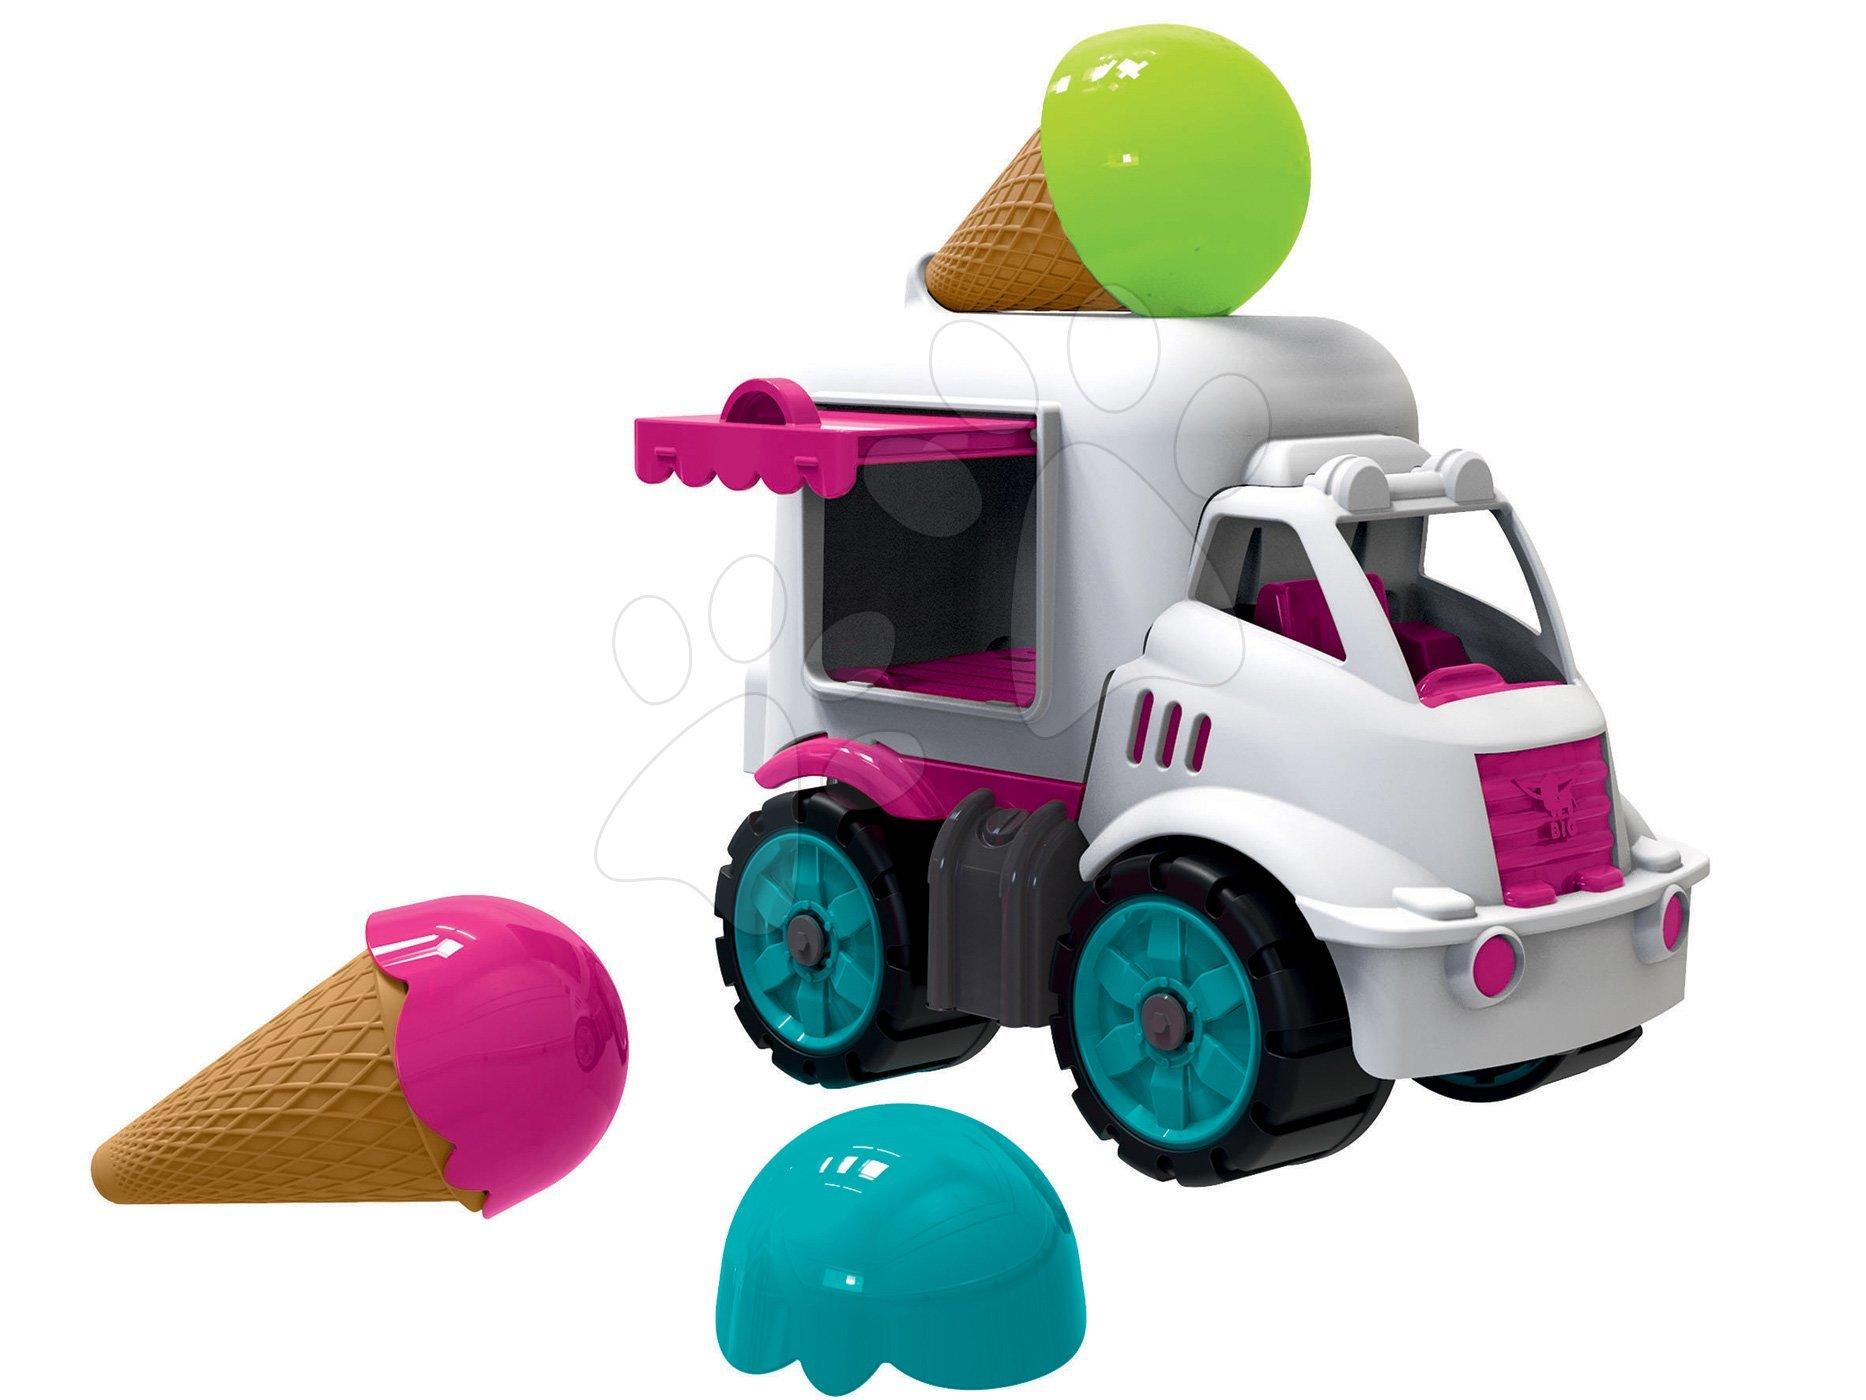 Fagylaltos kocsi BIG Power Worker fagyival - gumi kerekek 24 hó-tól